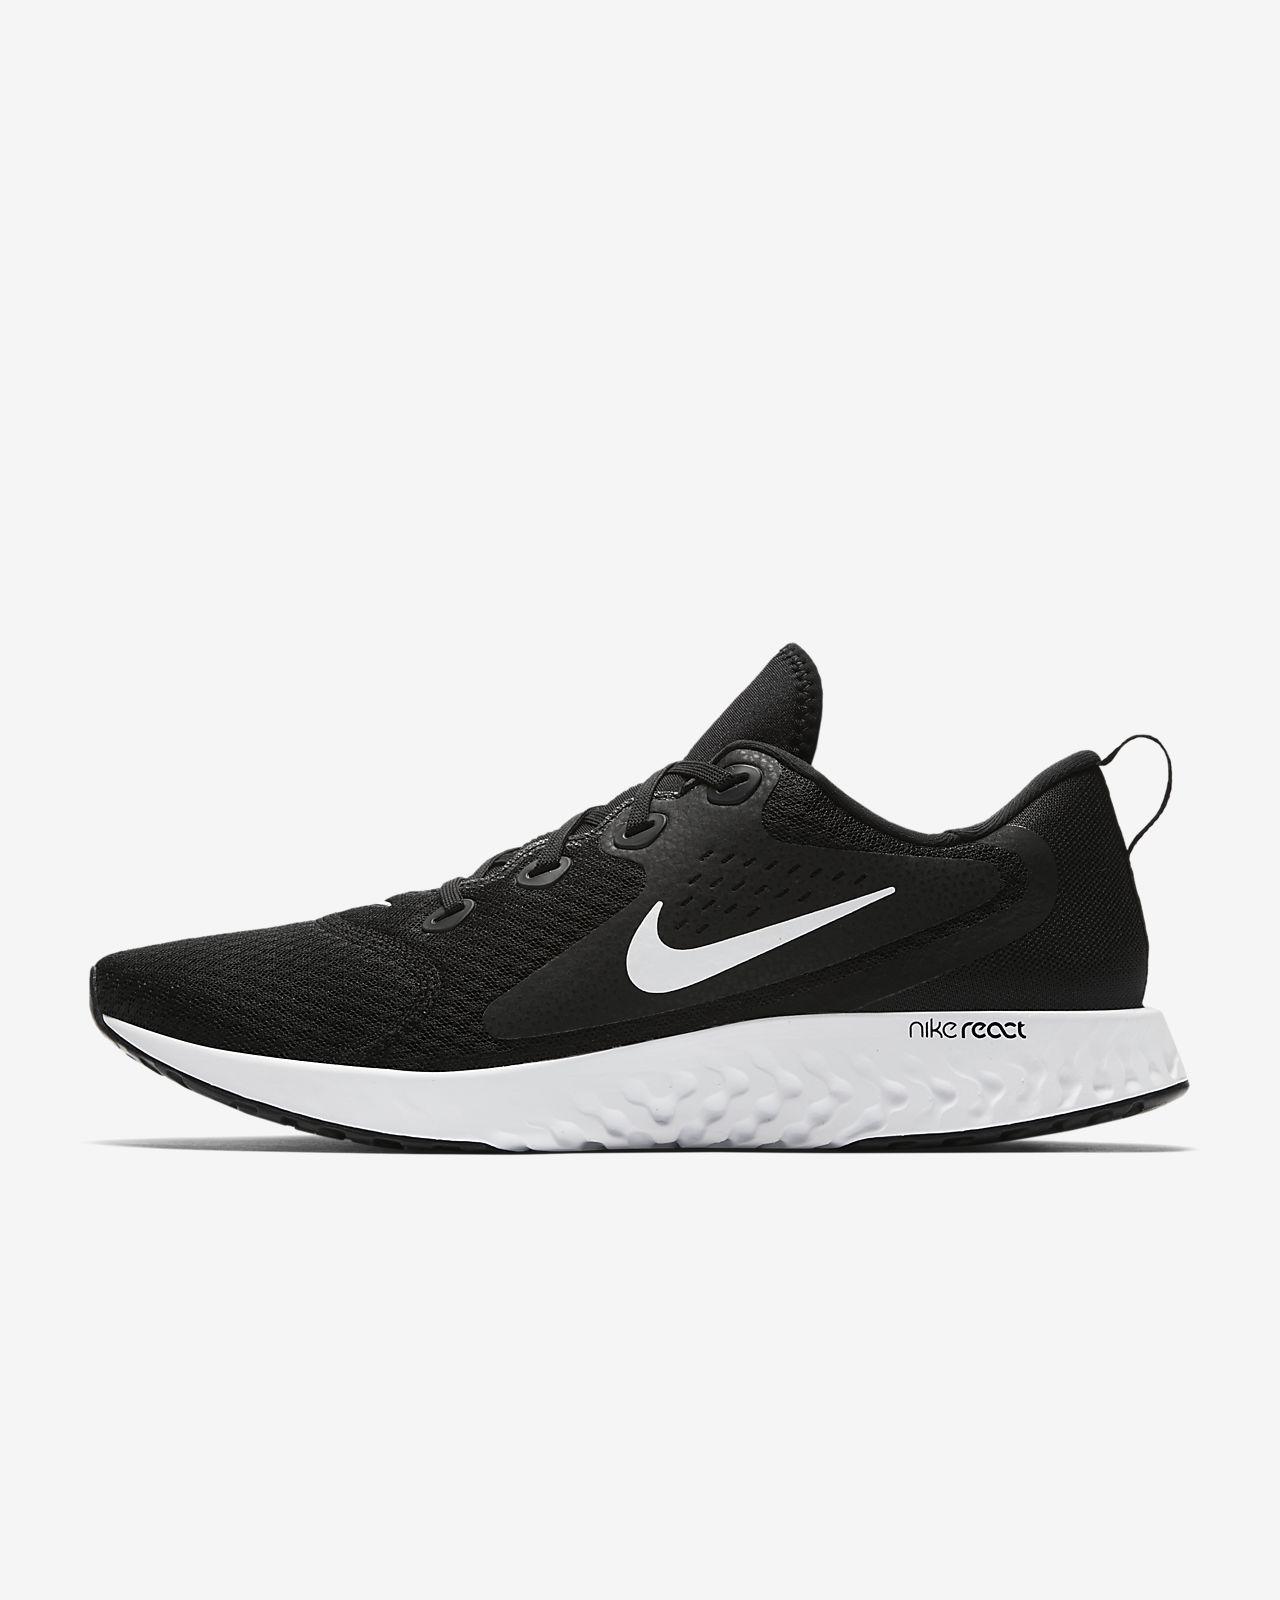 4f419c2102c Nike Legend React Zapatillas de running - Hombre. Nike.com ES